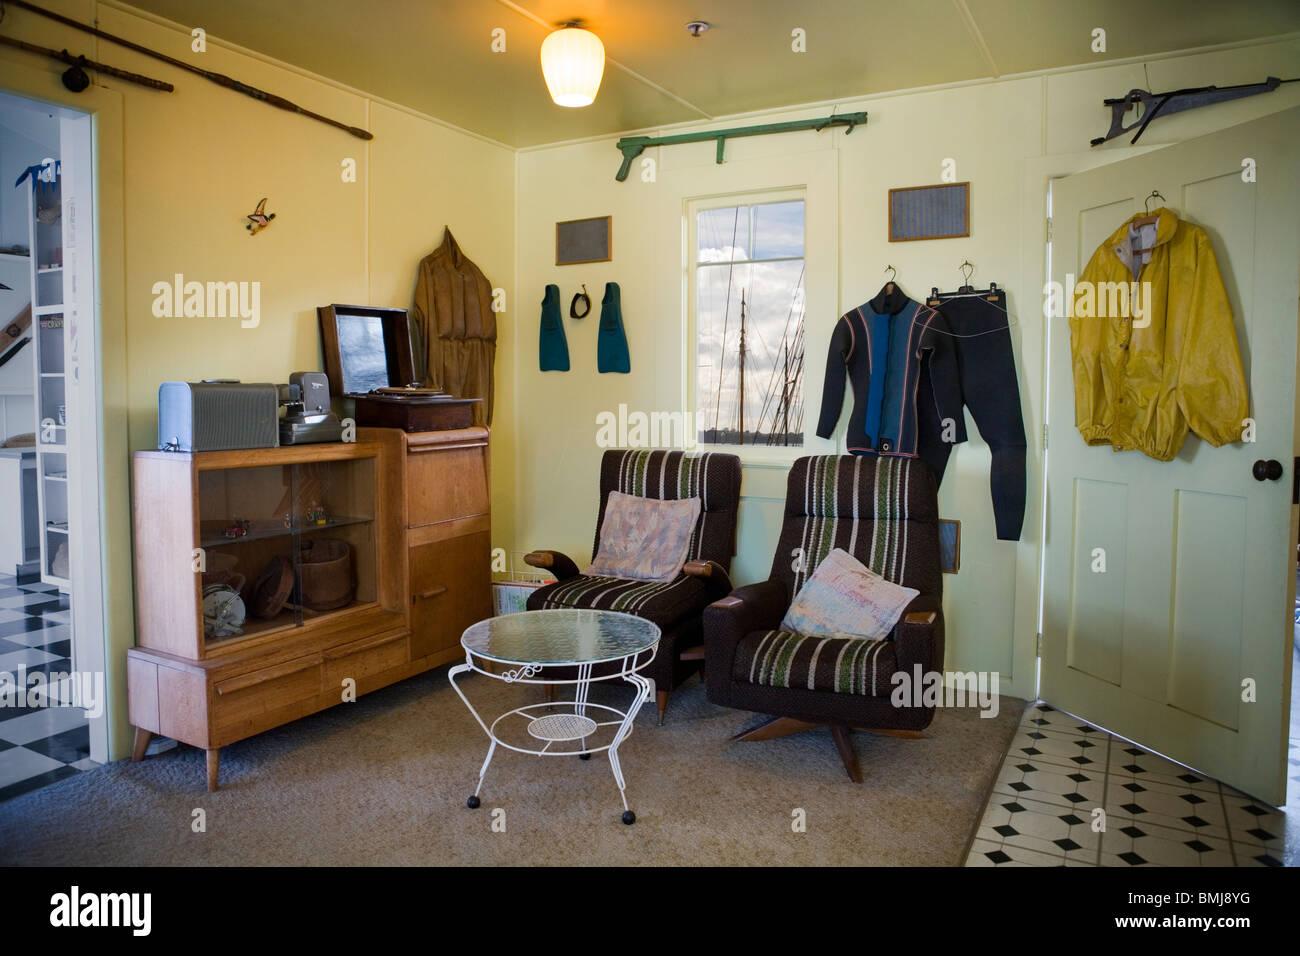 Möbel Und Scuba Ausrüstung In Einem Strandhaus Aus Den Fünfziger Jahren  (50er Oder 50er Jahre Haus) Auckland, Neuseeland